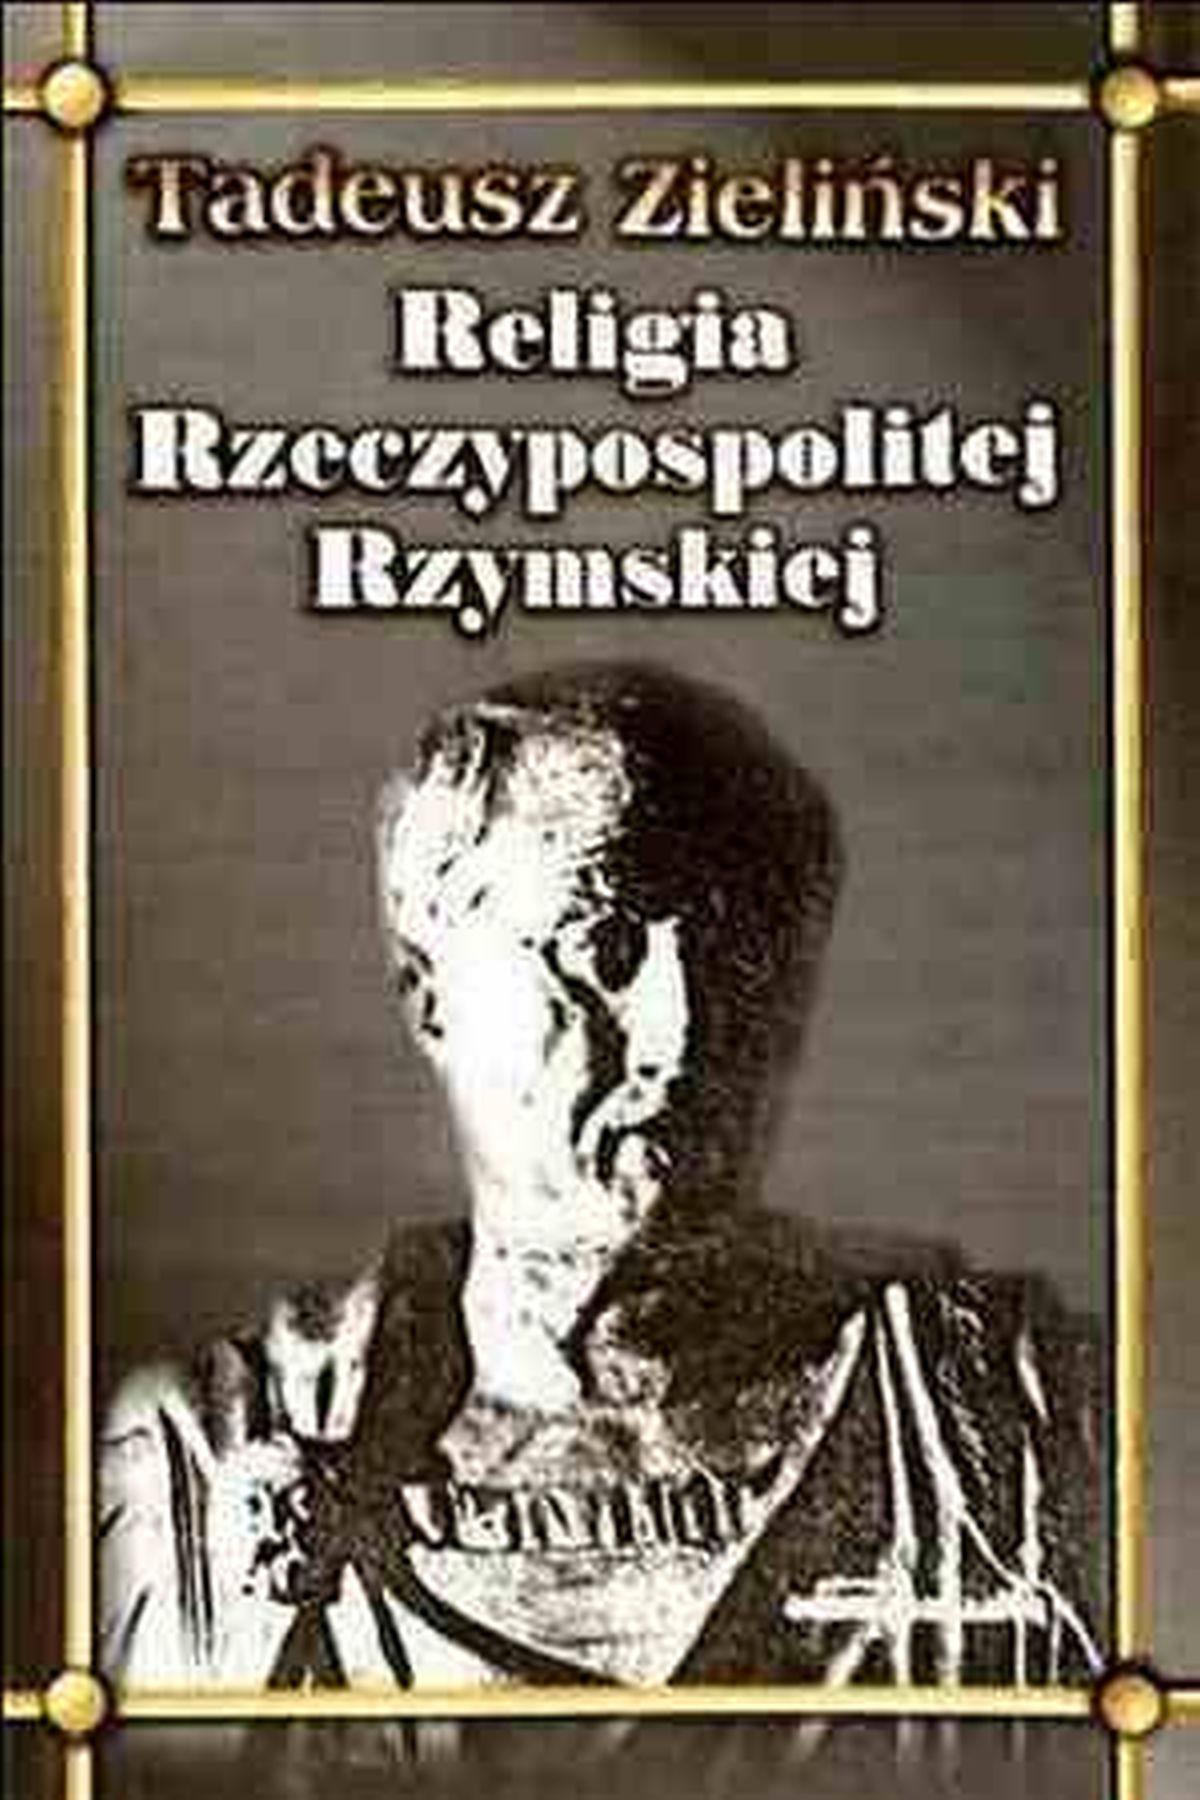 Tadeusz Zieliński, Religia Rzeczypospolitej Rzymskiej